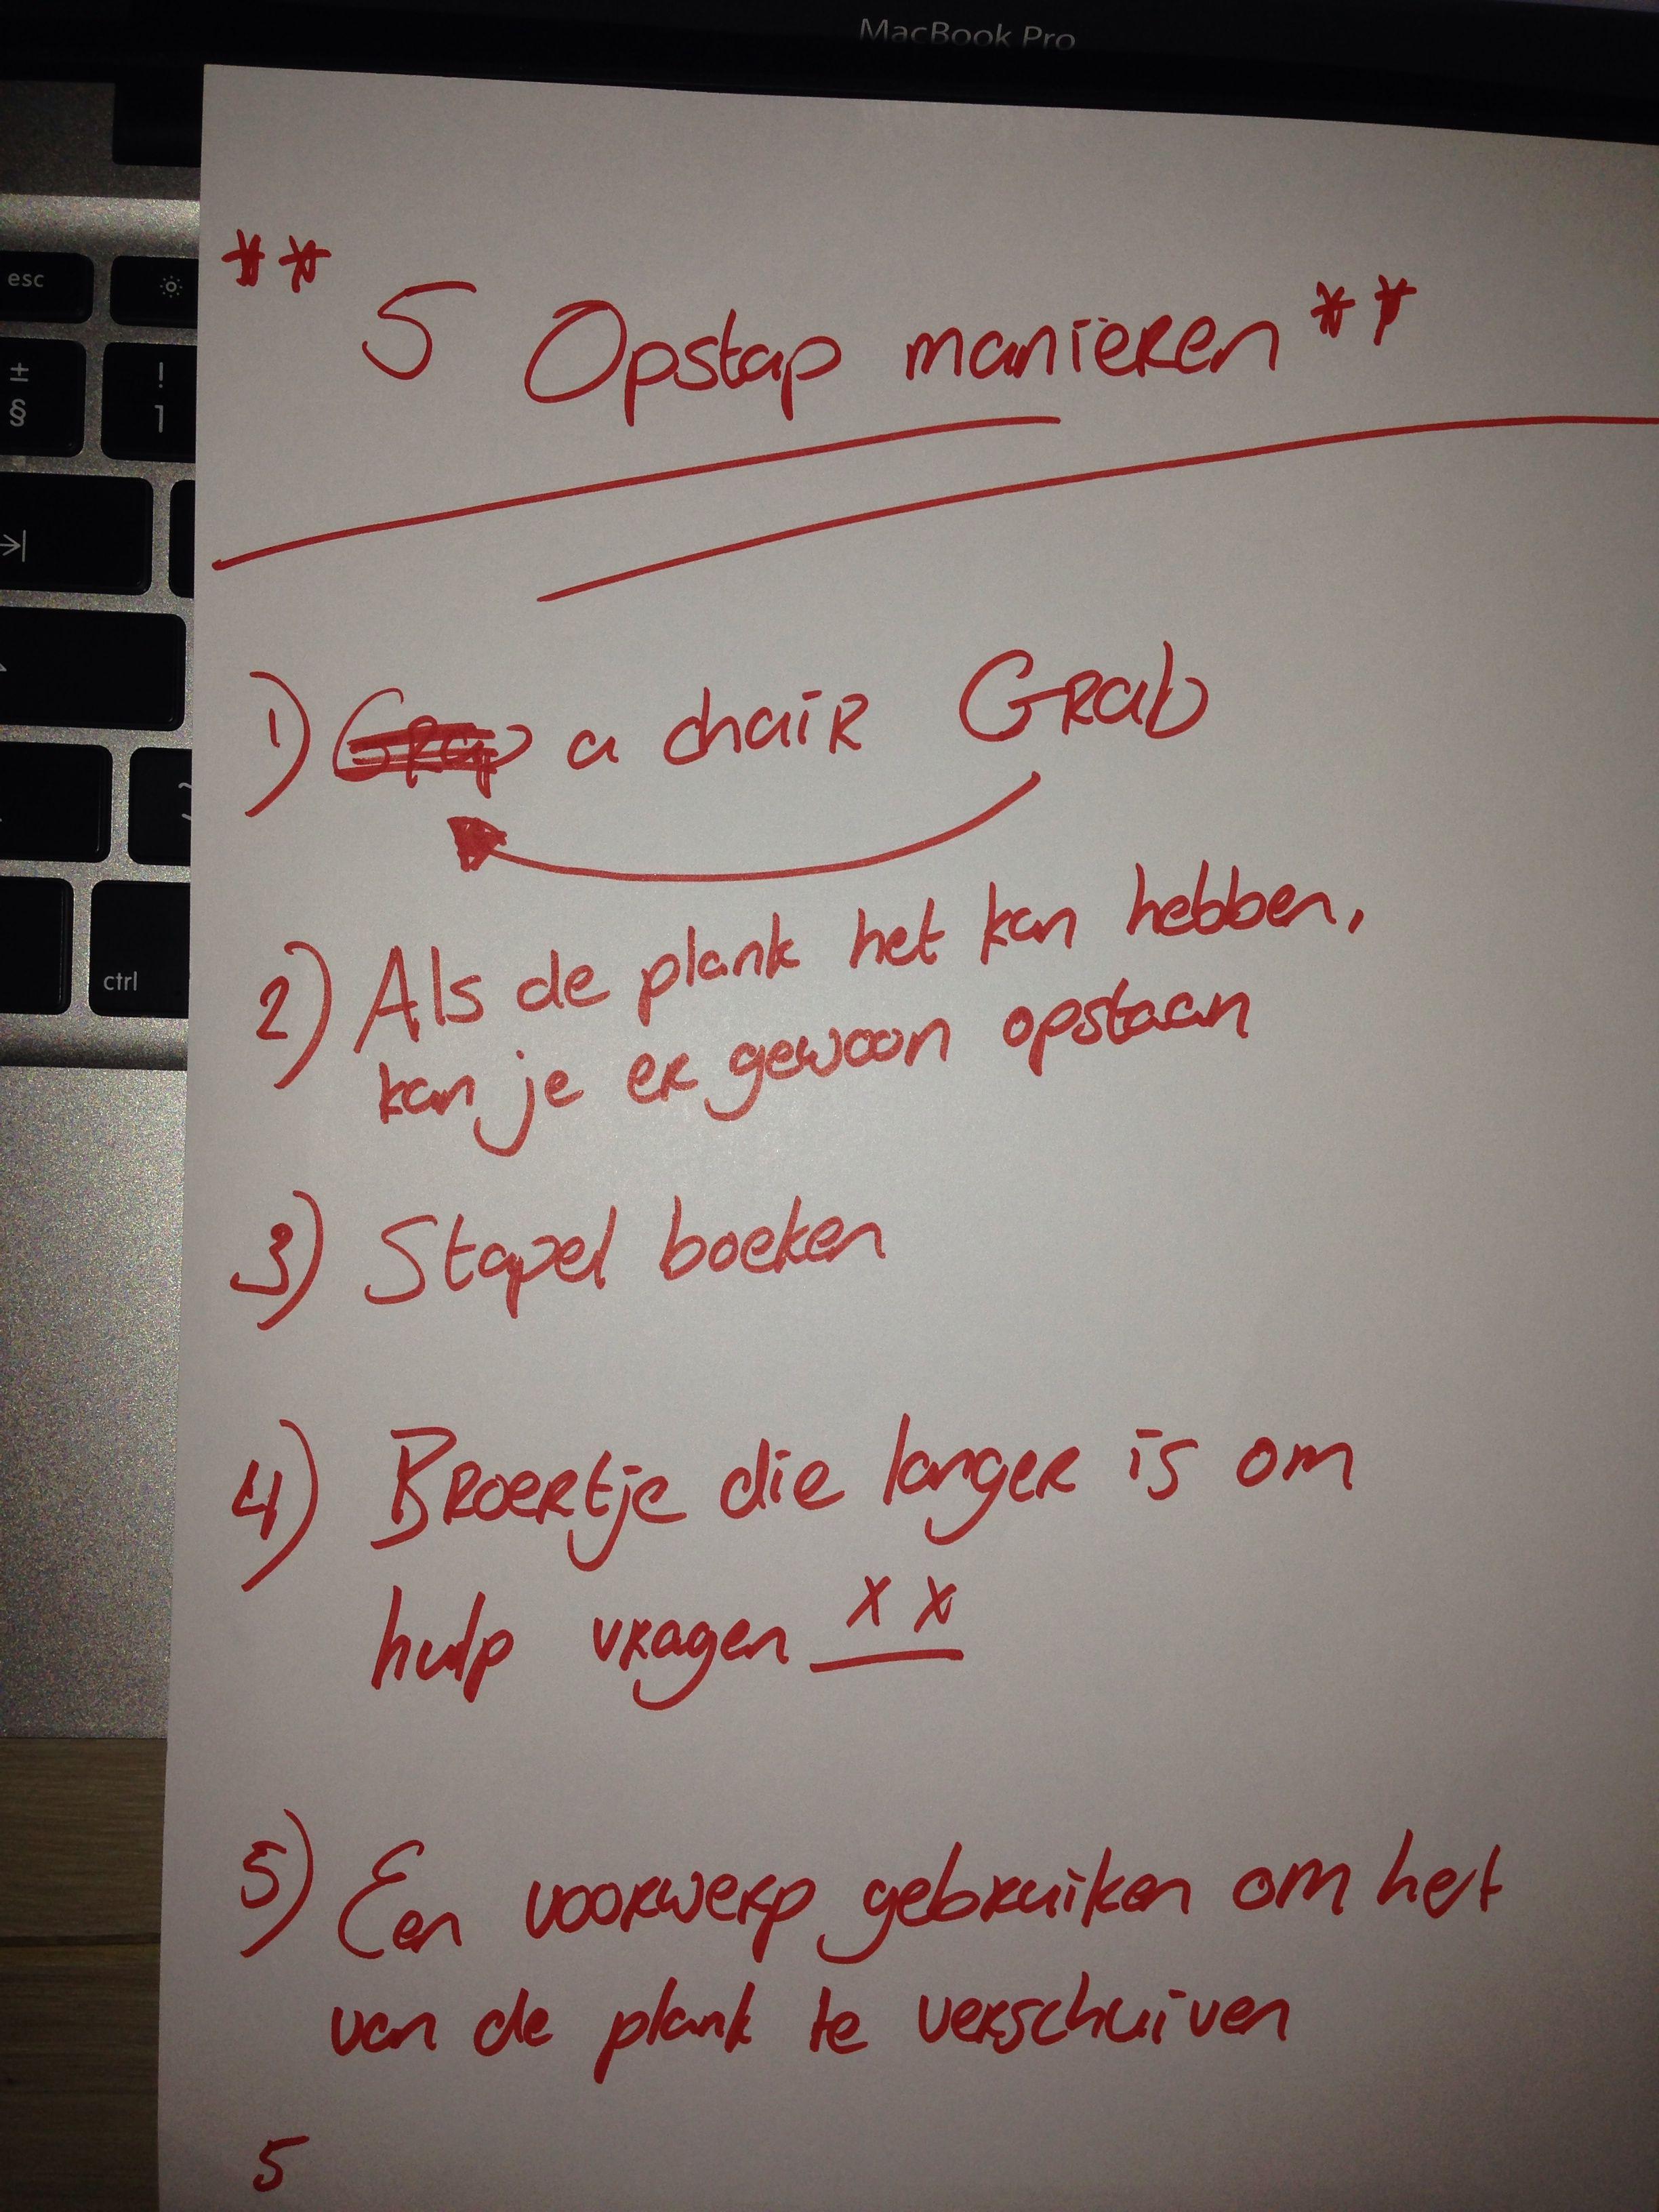 5 Opstap manieren